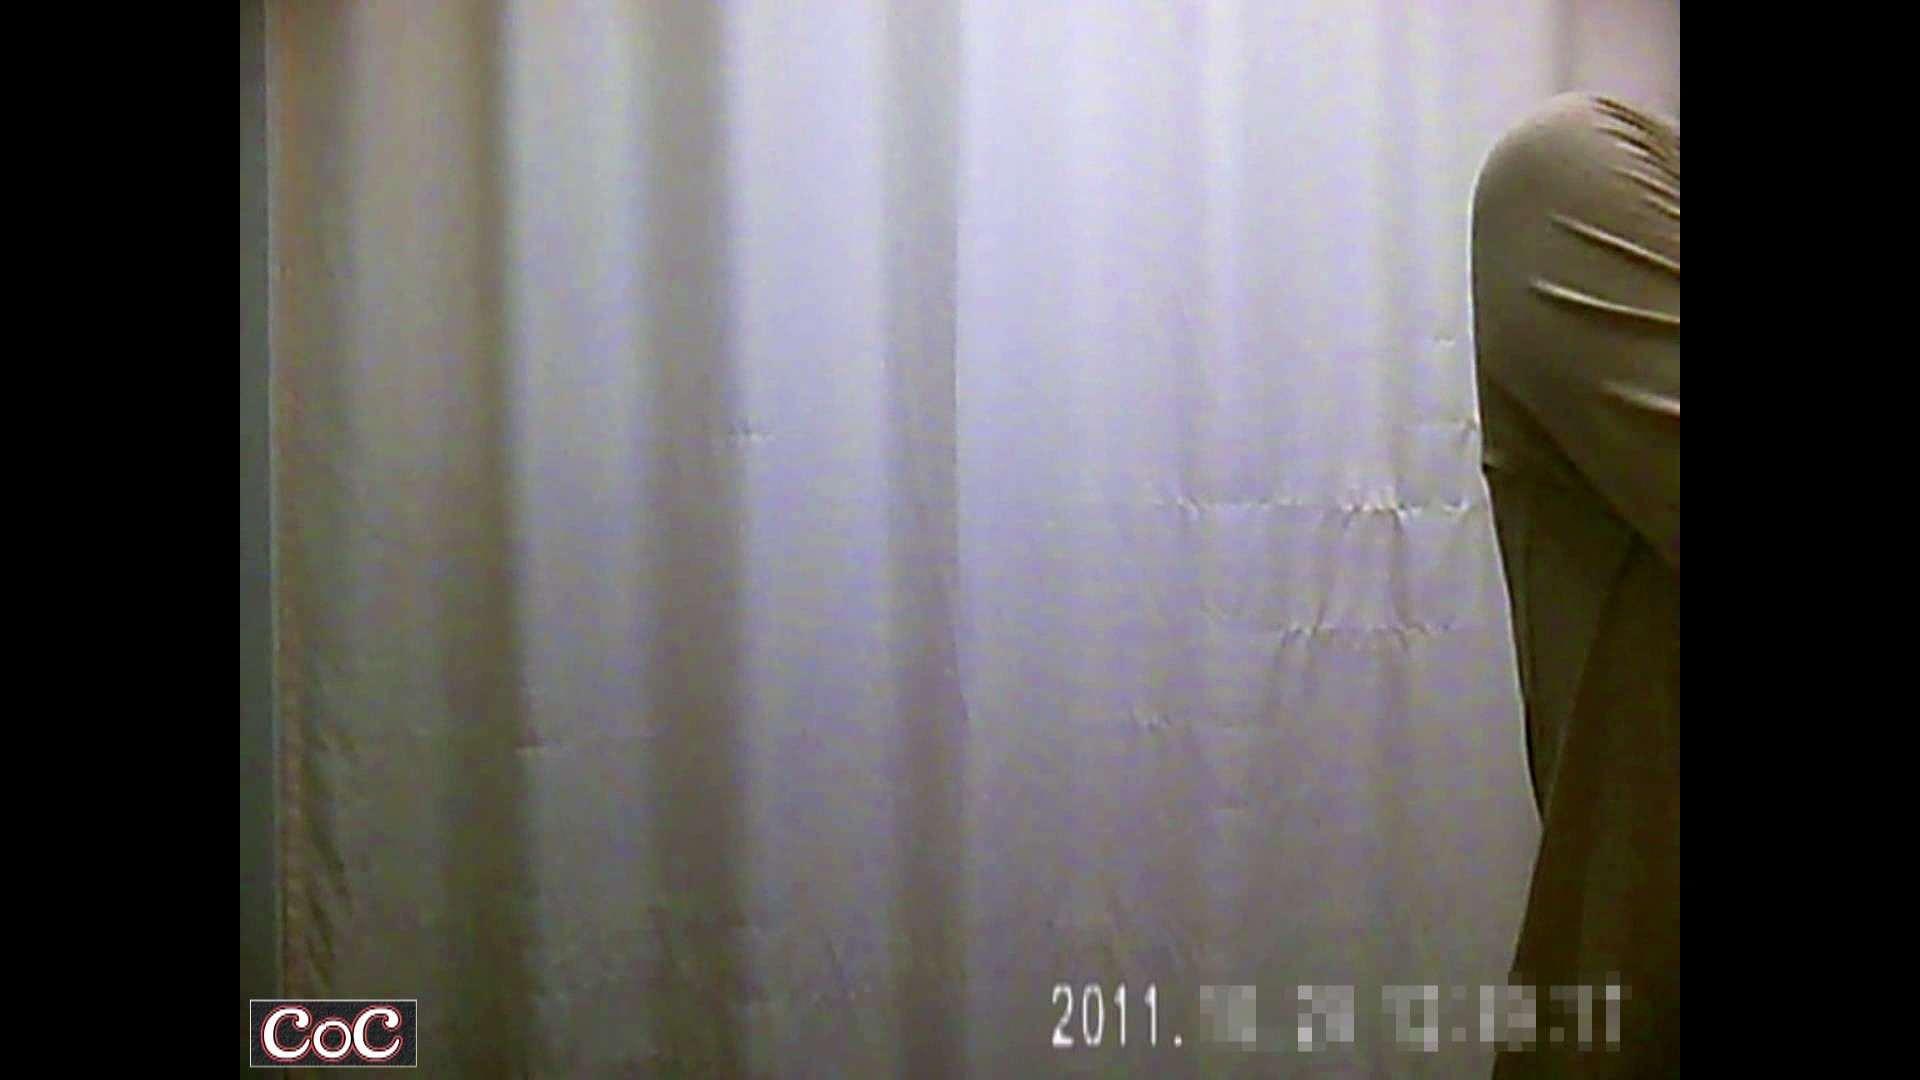 巨乳 乳首:元医者による反抗 更衣室地獄絵巻 vol.226:怪盗ジョーカー